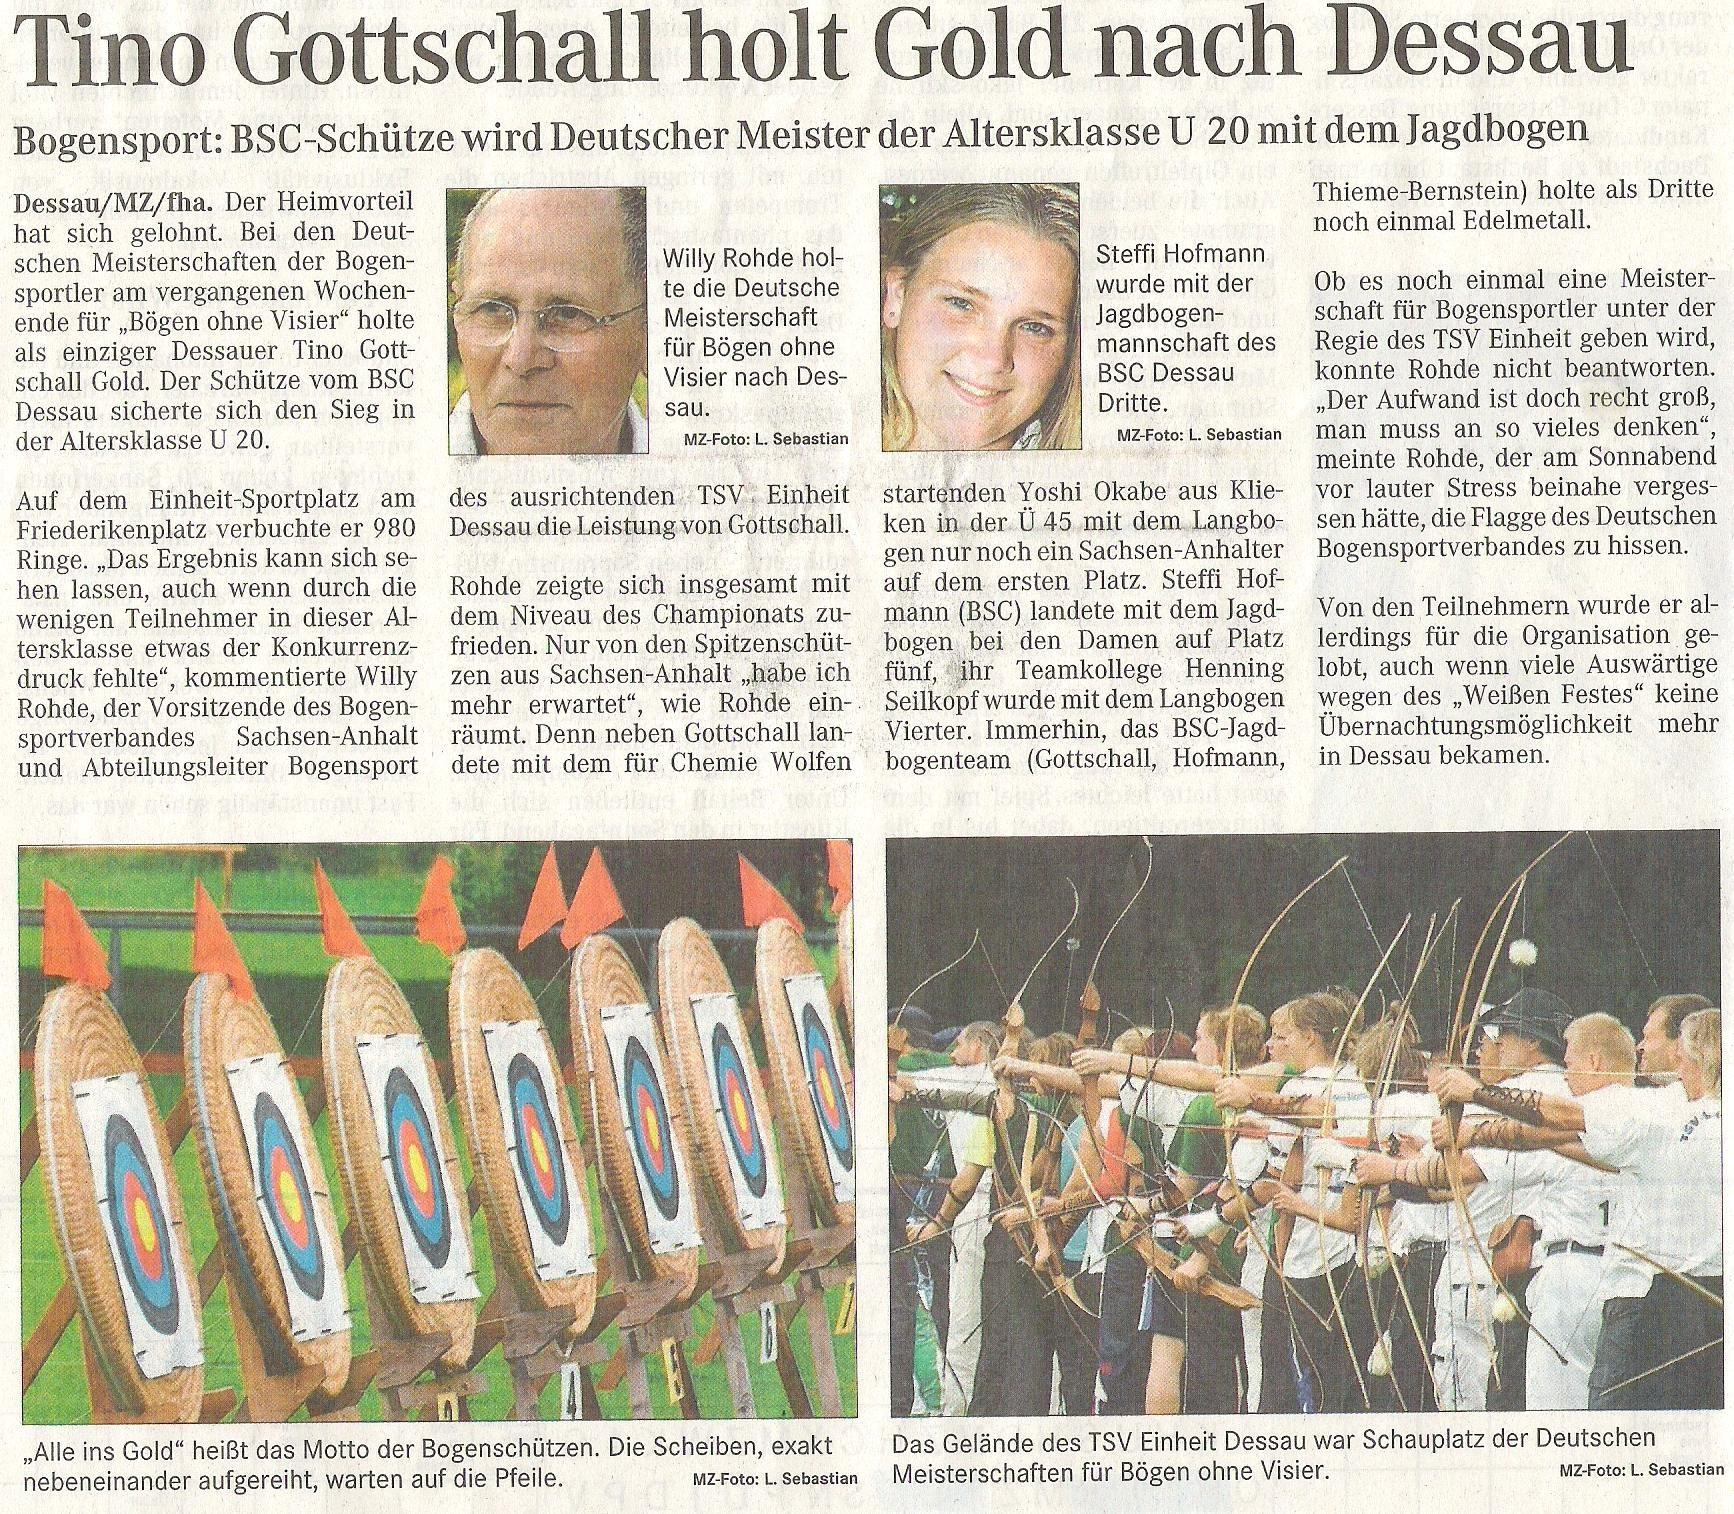 DM FITA Bögen ohne Visier in Dessau – Mitteldeutsche Zeitung vom 04.09.2006